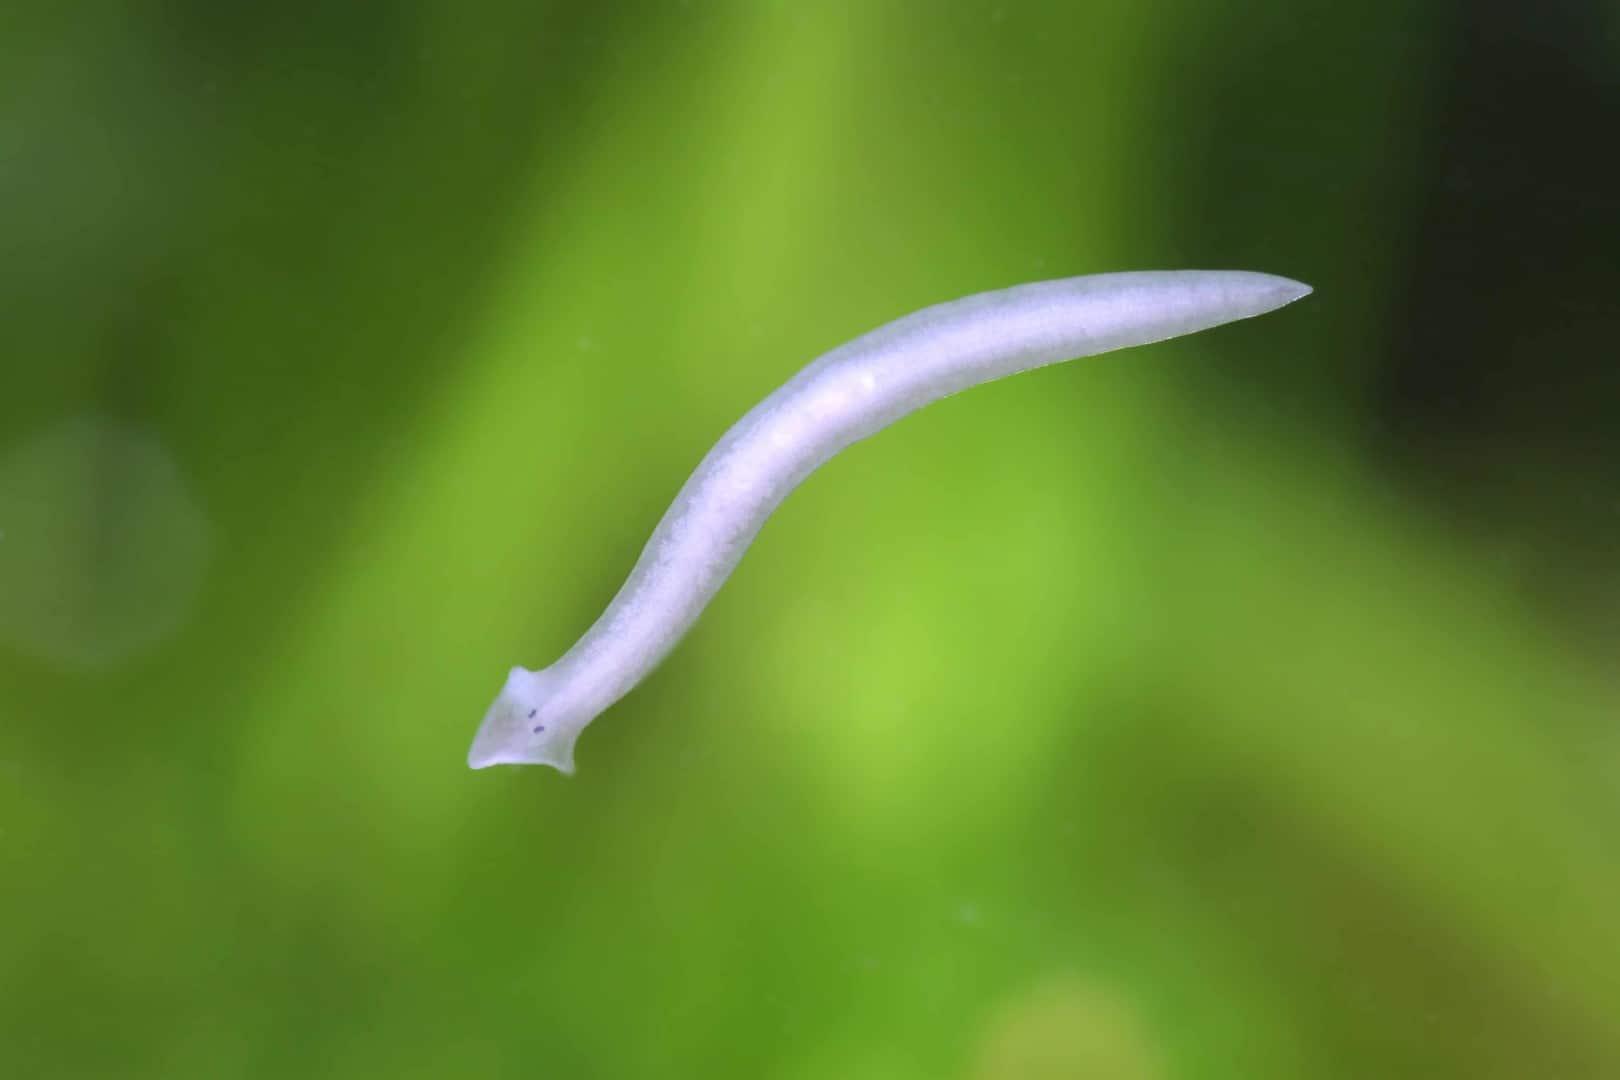 213: Planarien im Aquarium - Wie gefährlich sind die Plattwürmer für die Bewohner? (Ulrike Bauer) 4